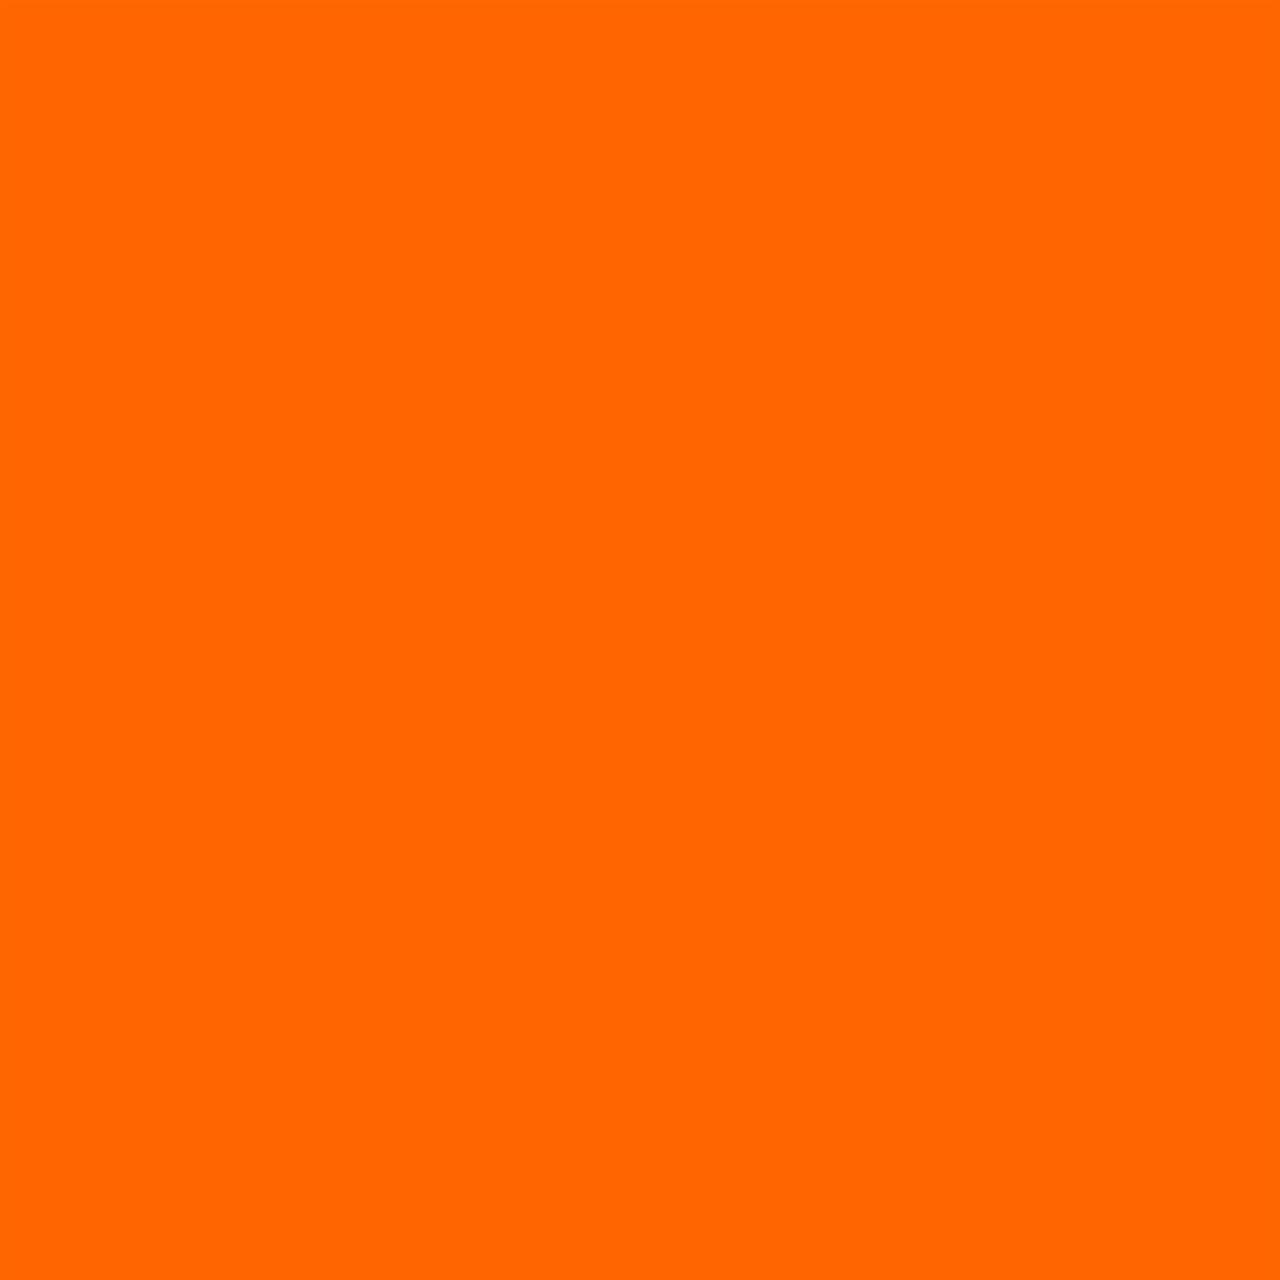 Алюкобонд оранжевый 8818 (3мм/18мкм) 1,22мХ2,44м